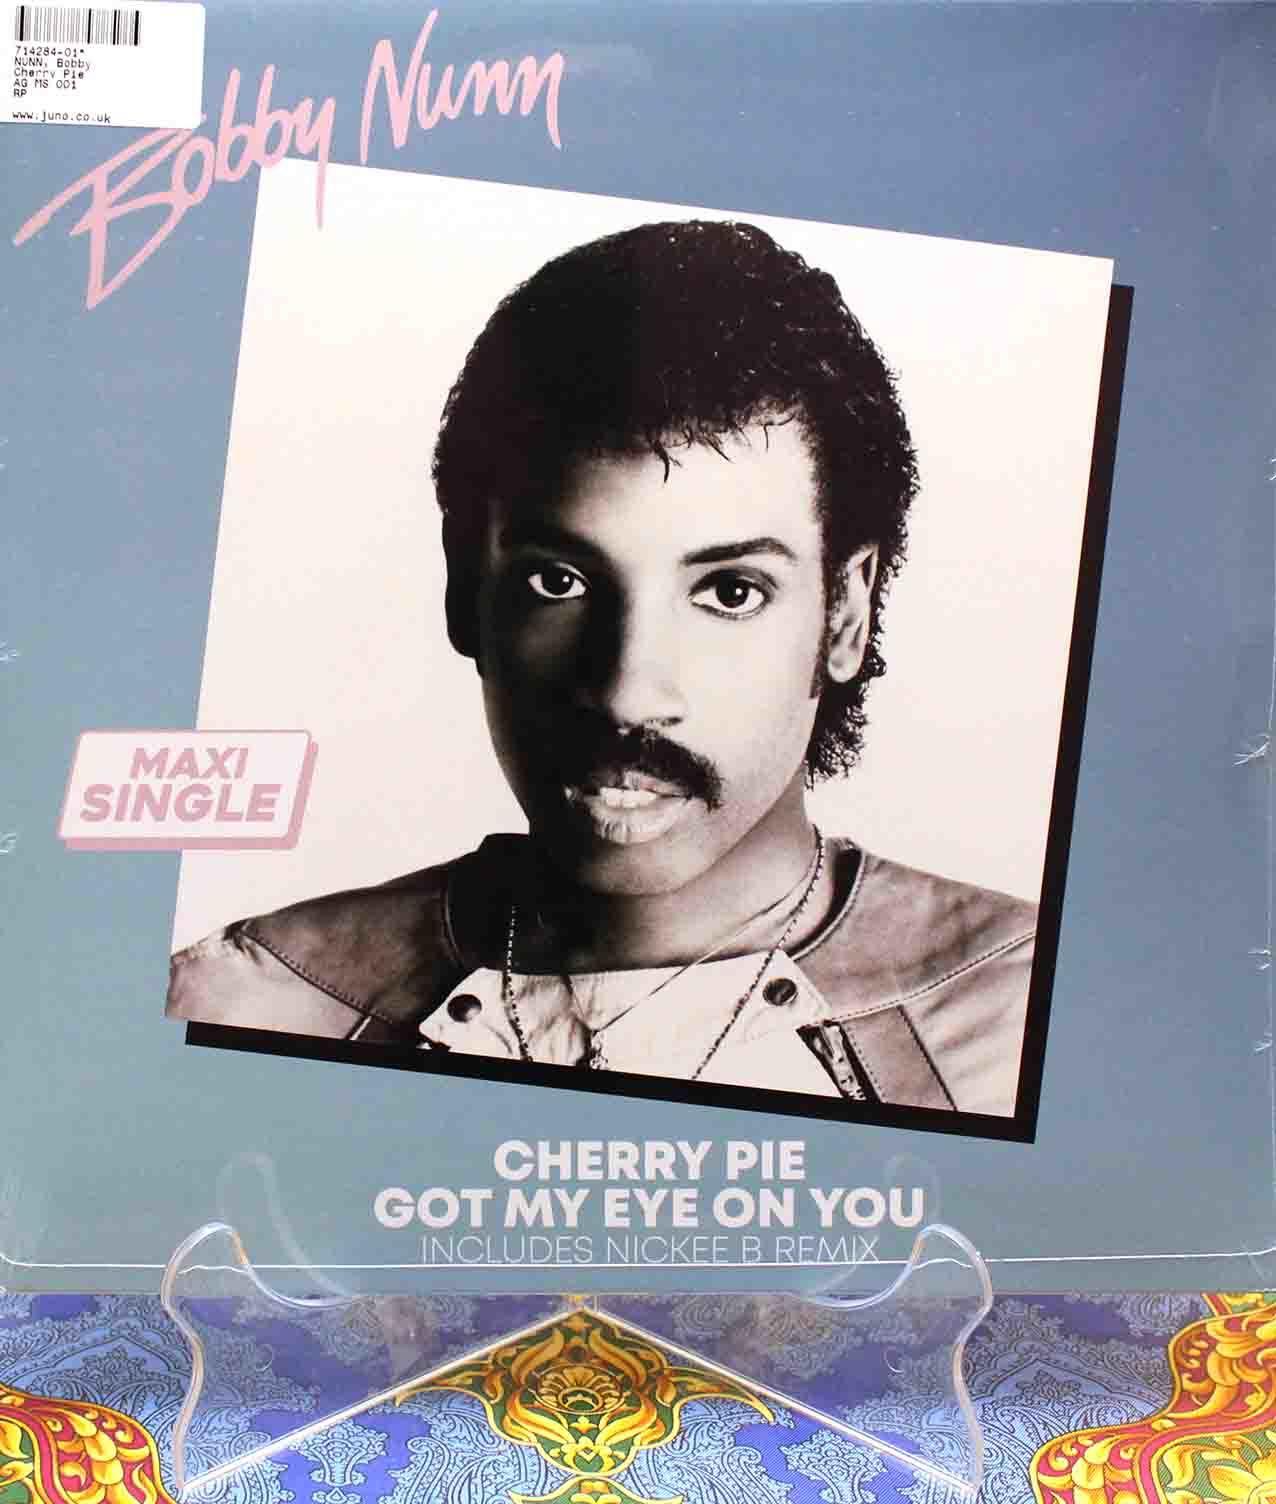 Bobby Nunn – Cherry Pie 01